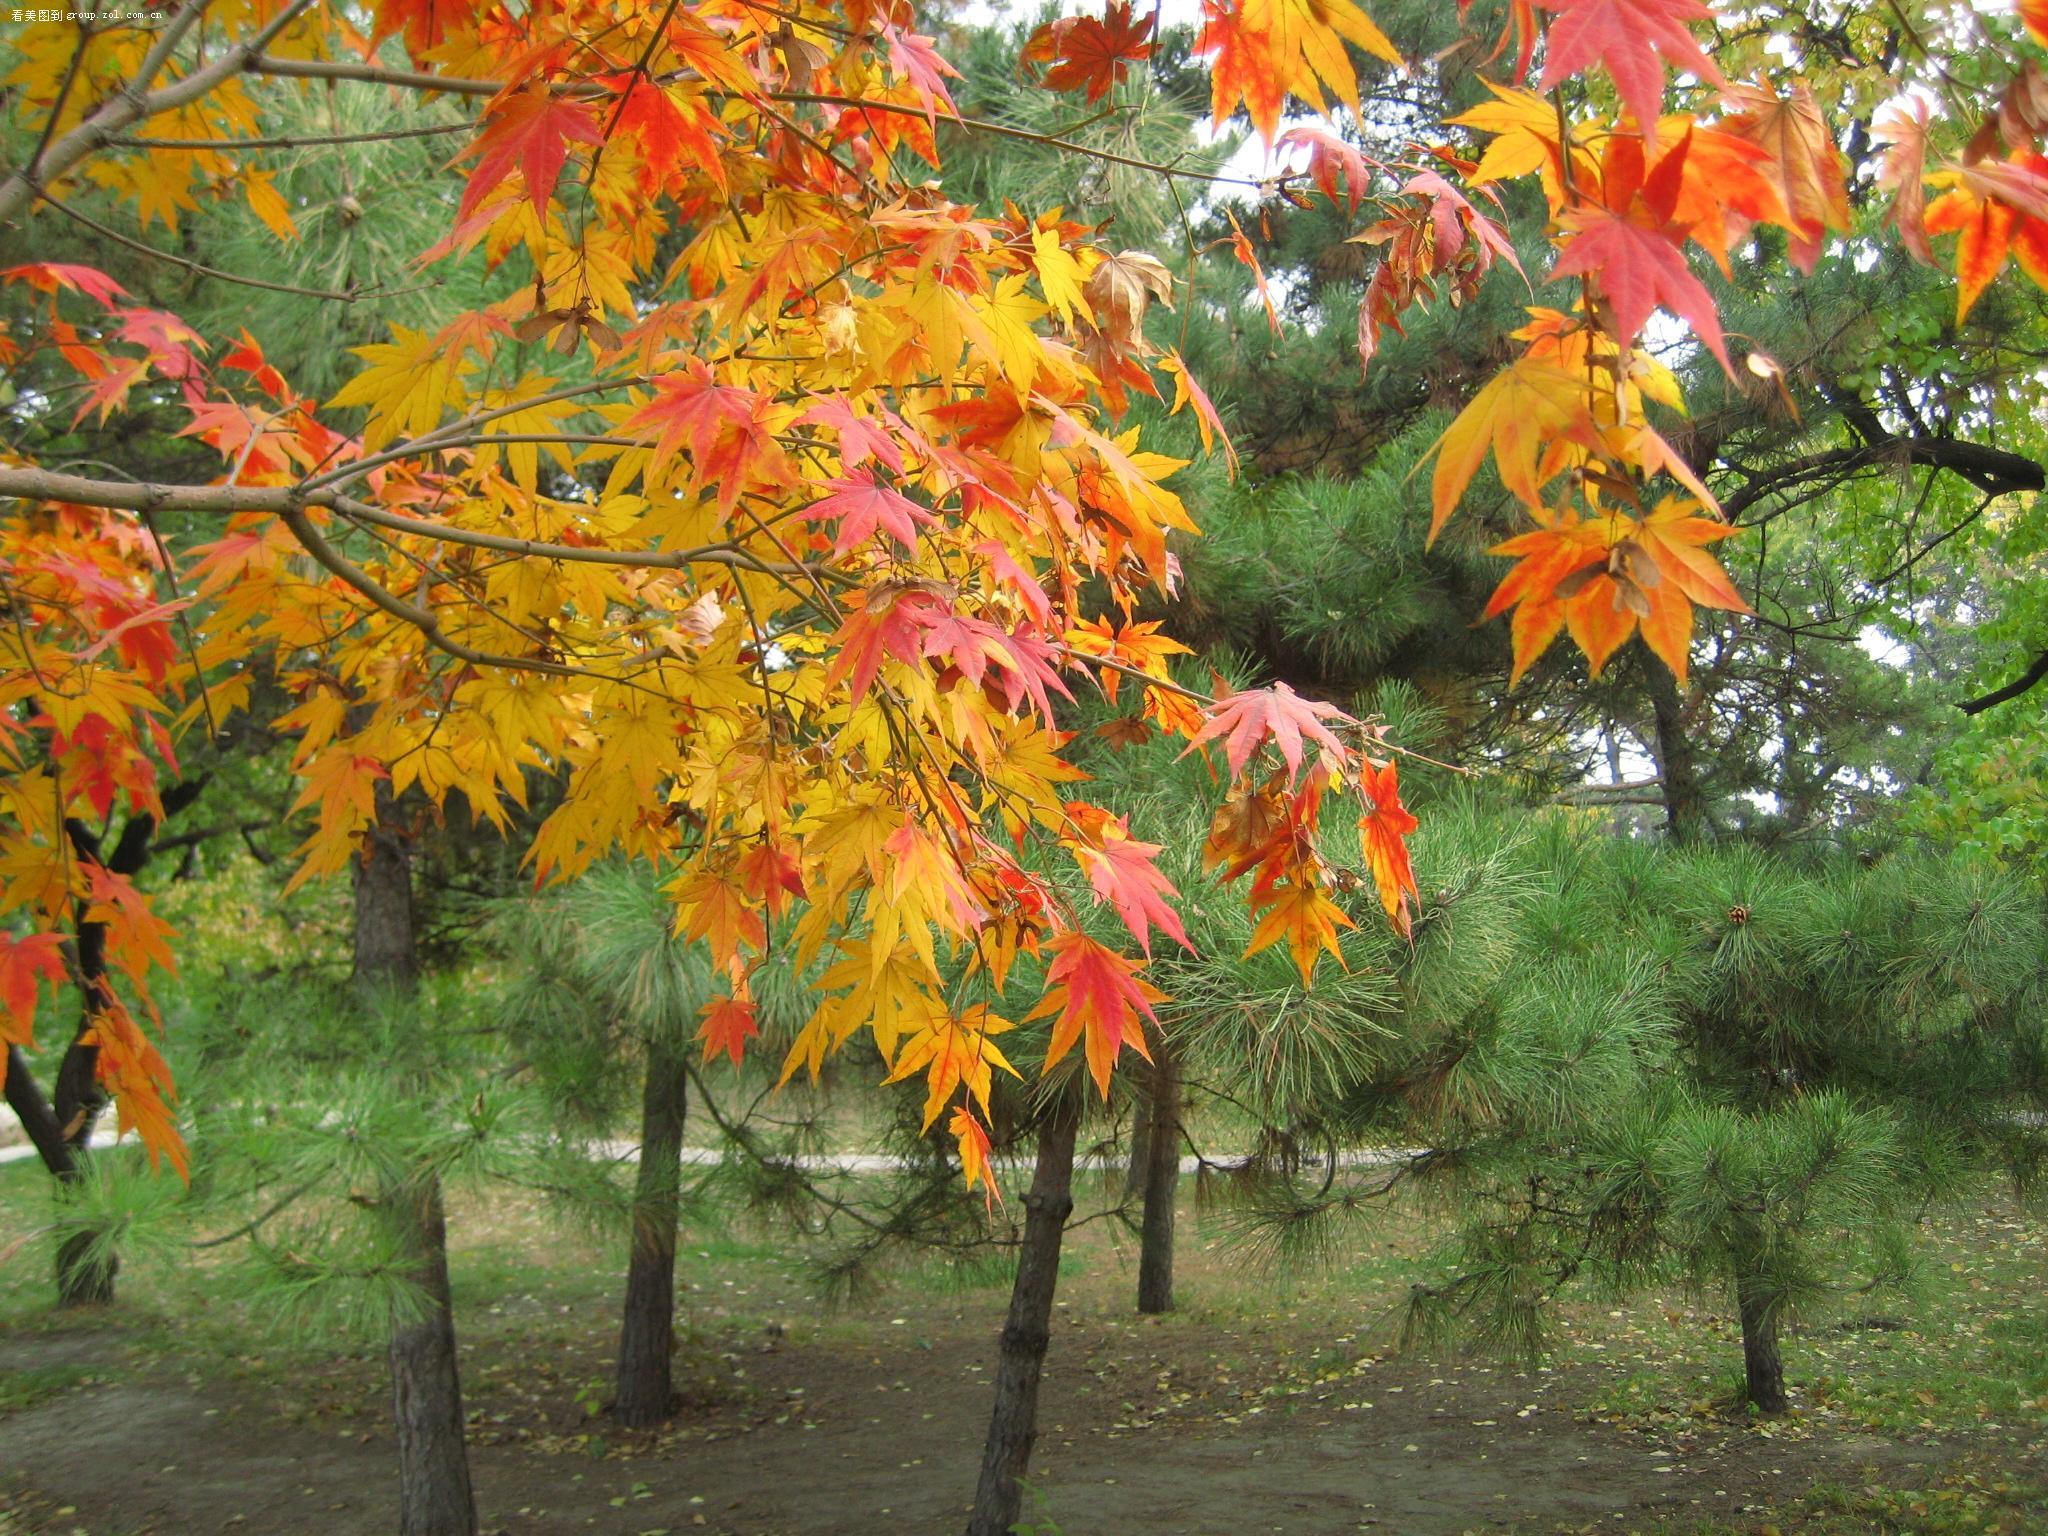 秋天的落叶像一个个黄衣少女,婀娜多姿,翩翩起舞.秋天.图片